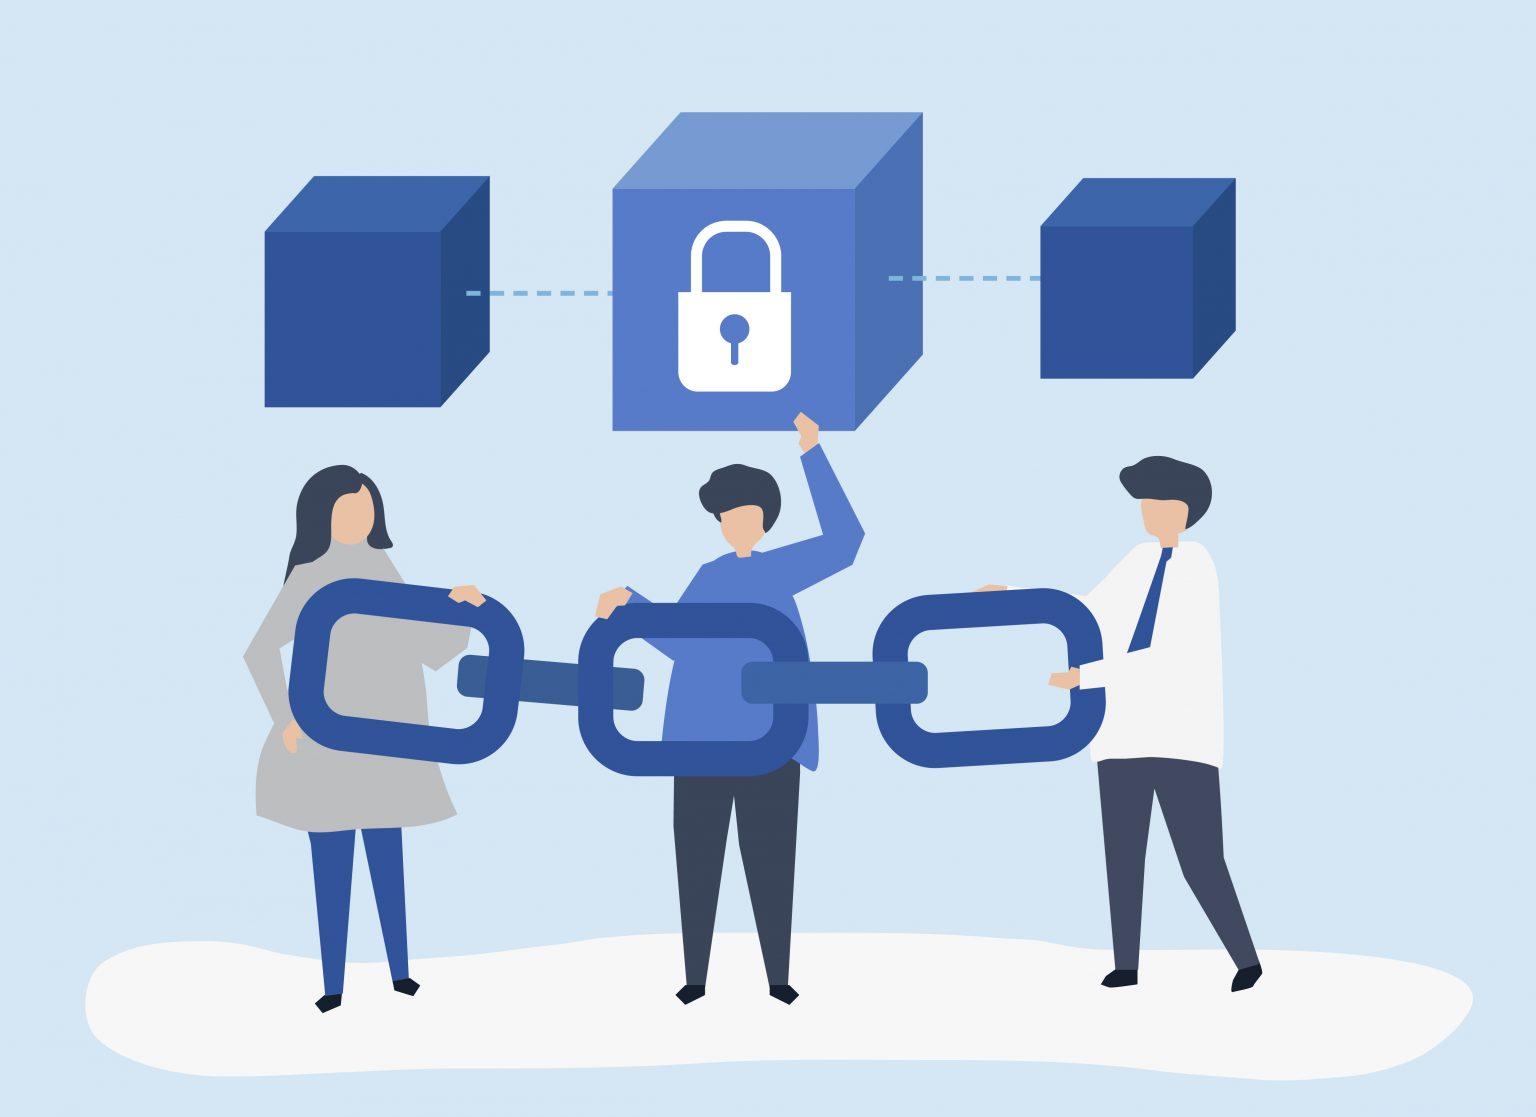 Công nghệ Blockchain, nó là gì?